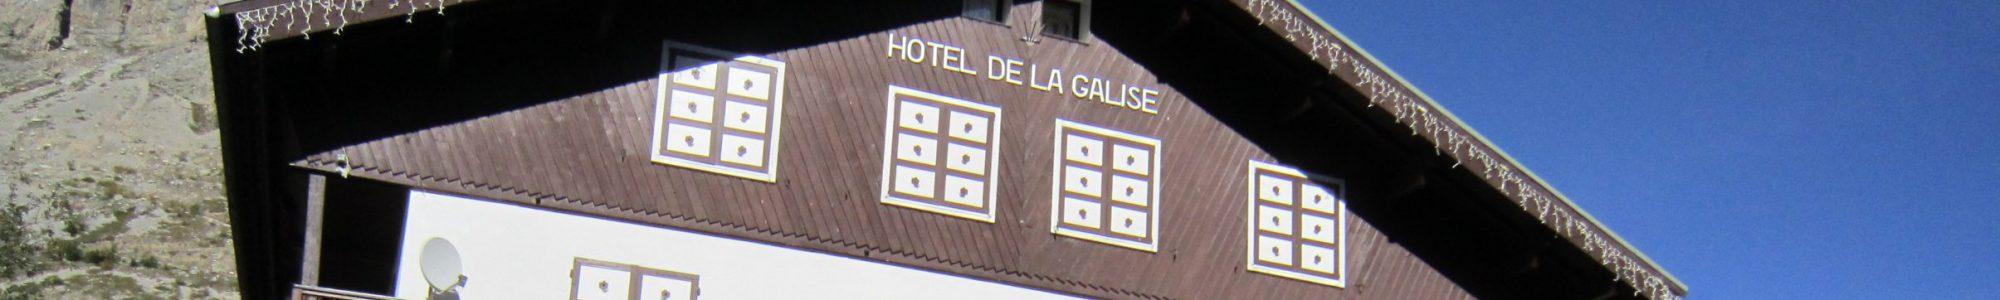 réfection de dalle et étanchéité en résine sur habitation val d'Isère 73